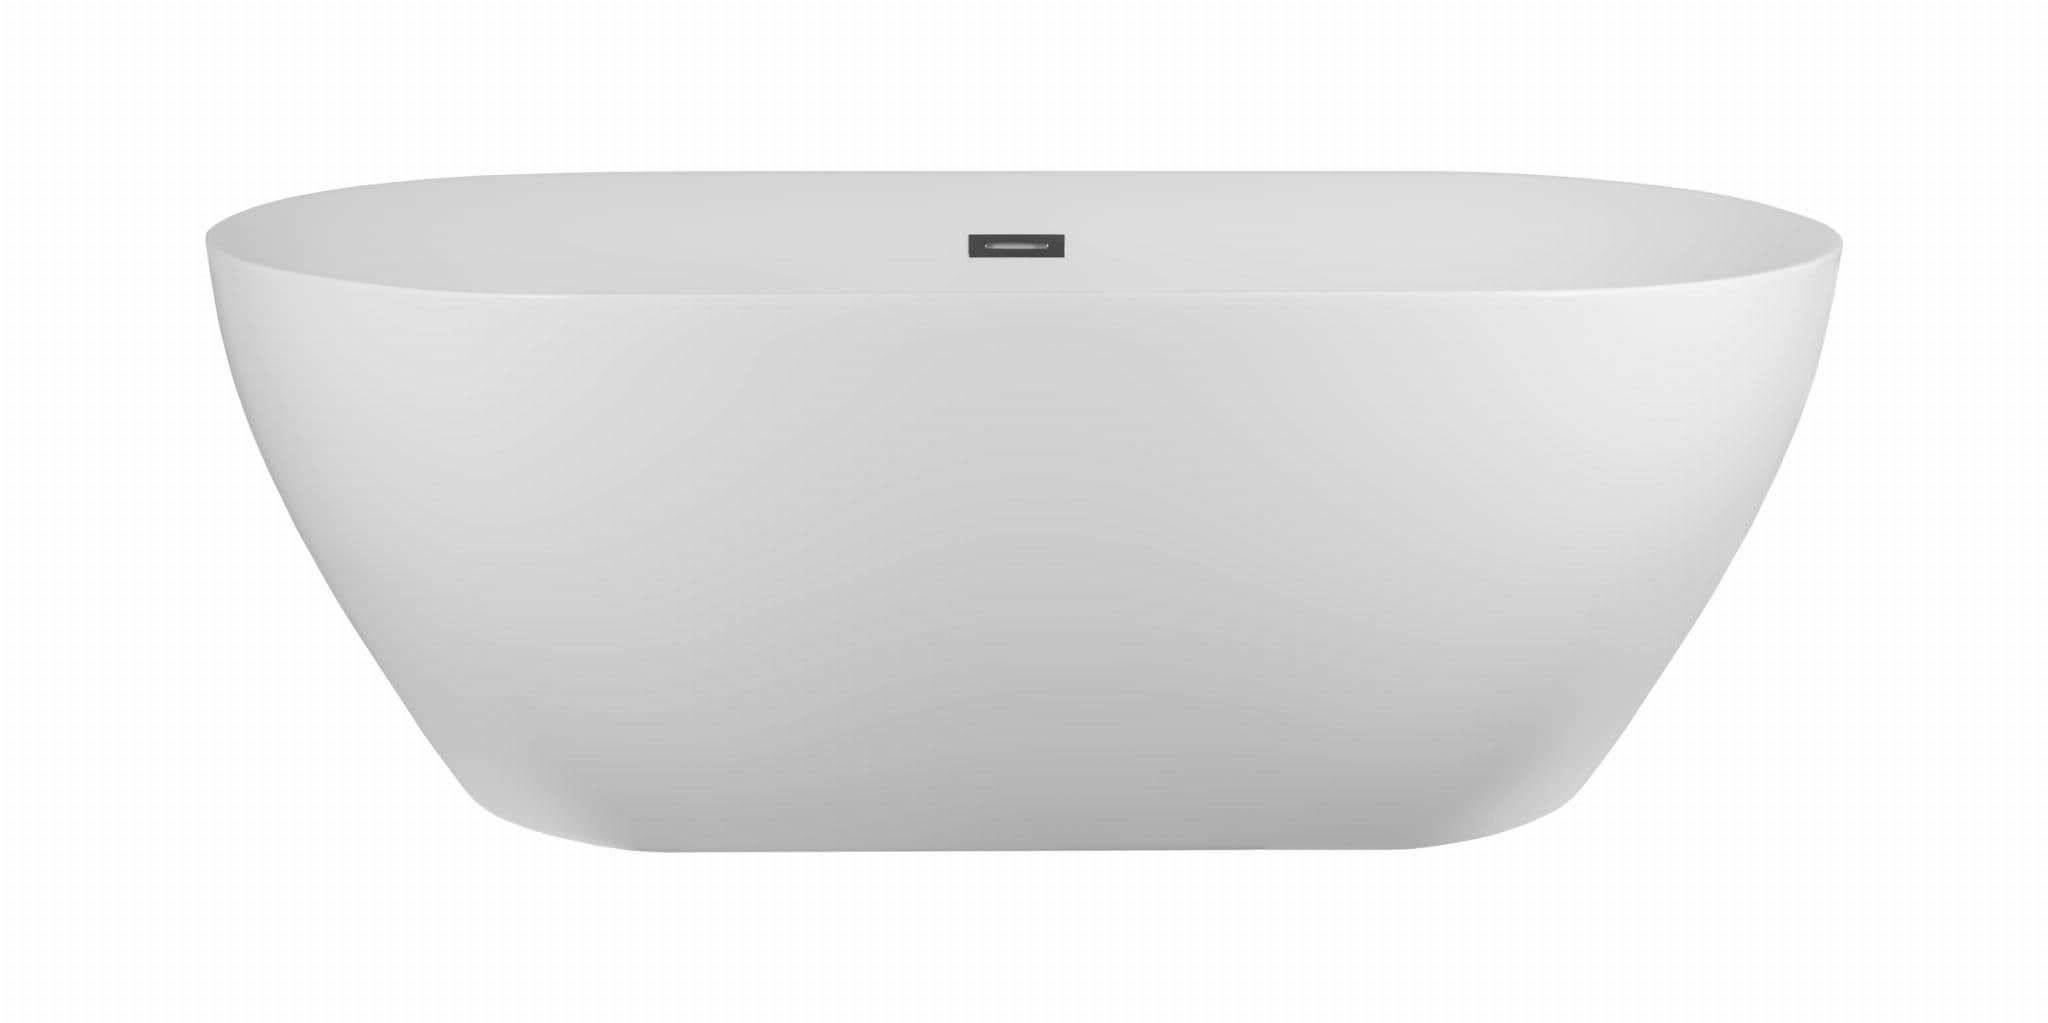 Corsan wanna wolnostojąca akrylowa OLVENA 169x79x58 cm  E-041  + syfon klik-klak/ biała